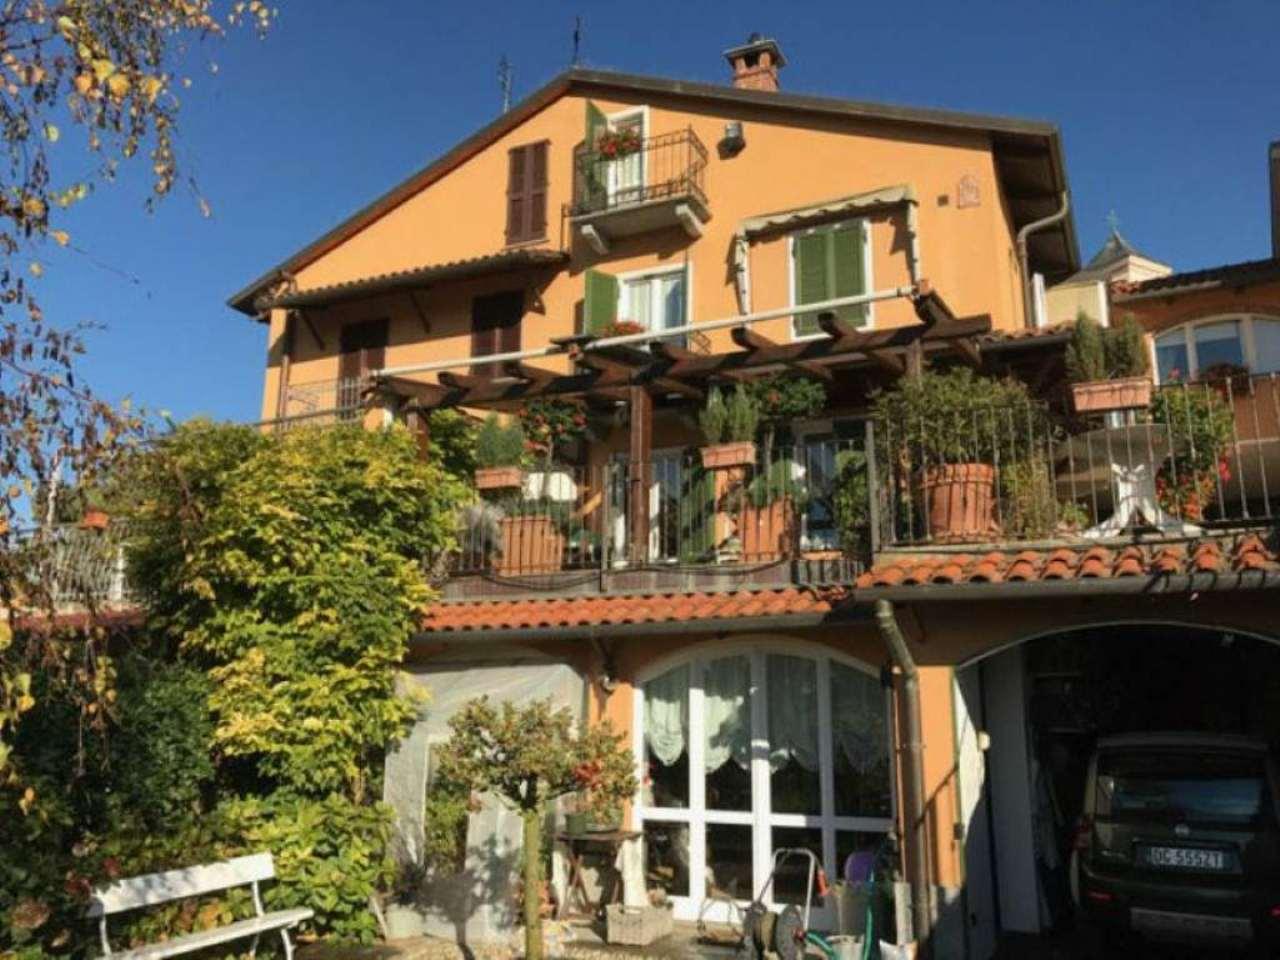 Rustico / Casale in vendita a Baldissero Torinese, 8 locali, prezzo € 380.000 | Cambio Casa.it